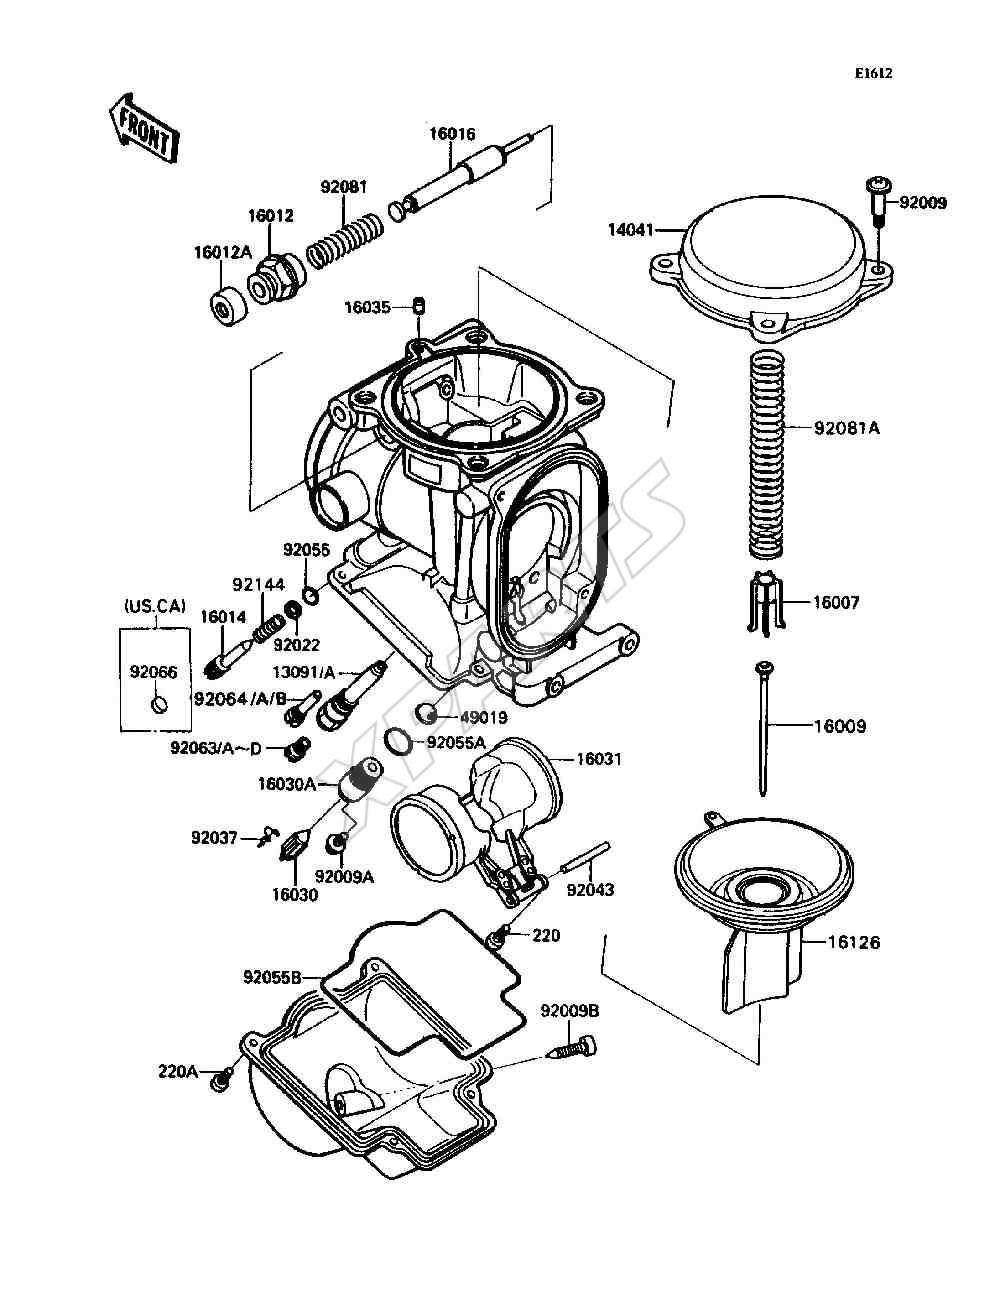 1981 trans am parts catalog